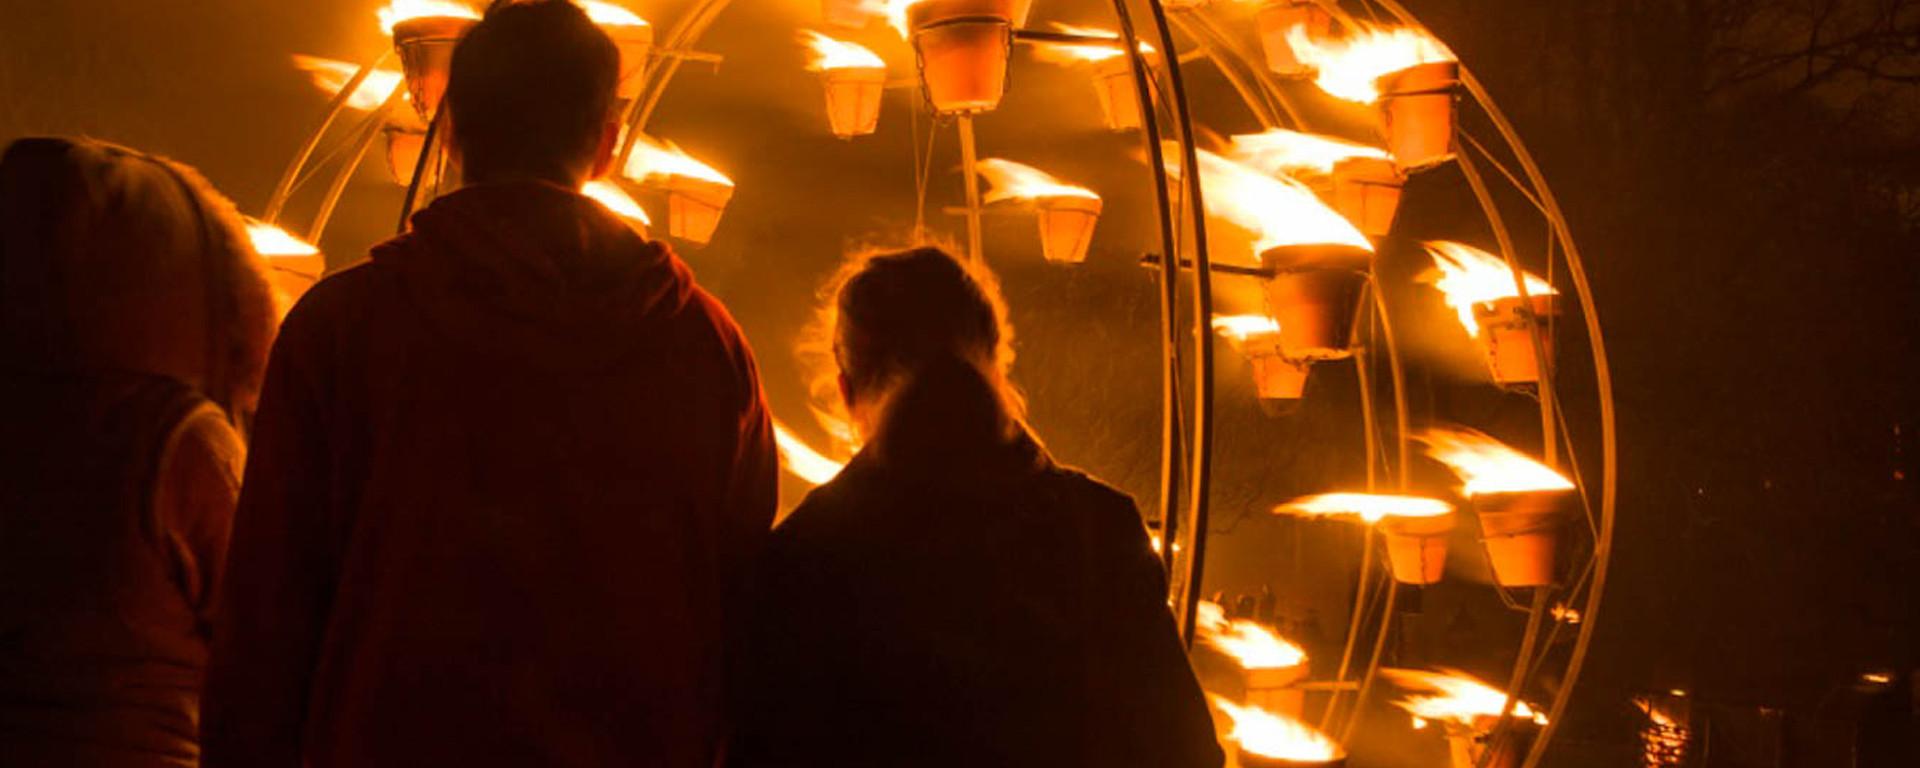 Artichoke - London's Burning: Great Fire 350